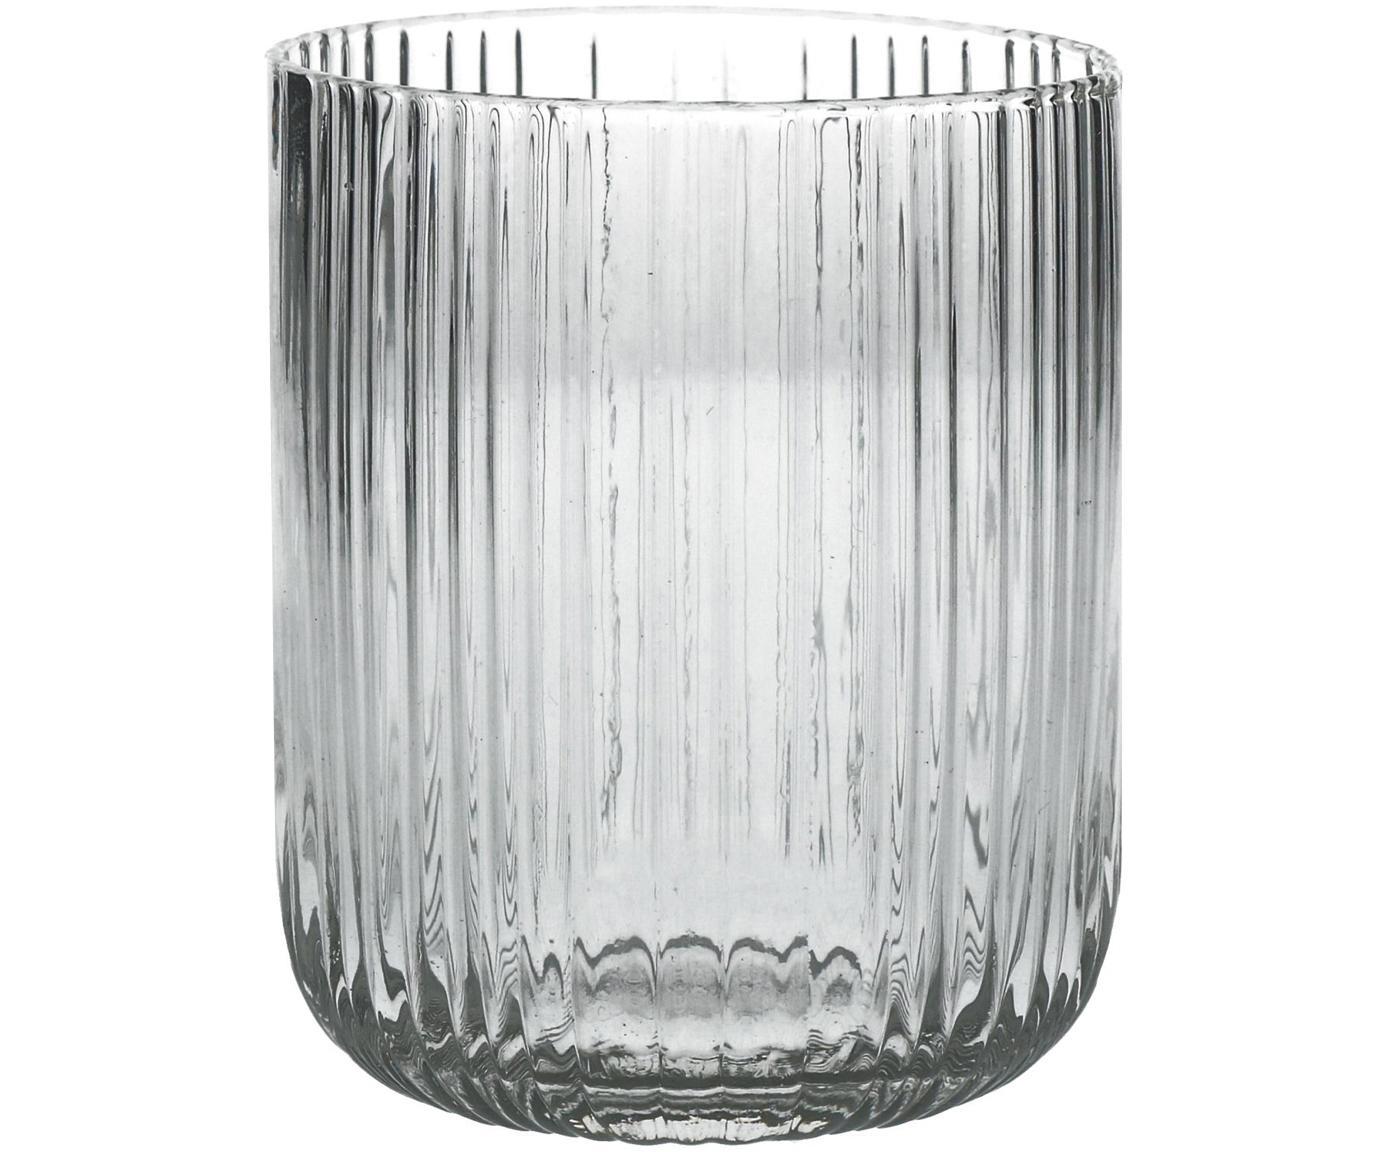 Szklanka do wody Canise, 6 elem., Szkło, Transparentny, Ø 8 x W 9 cm